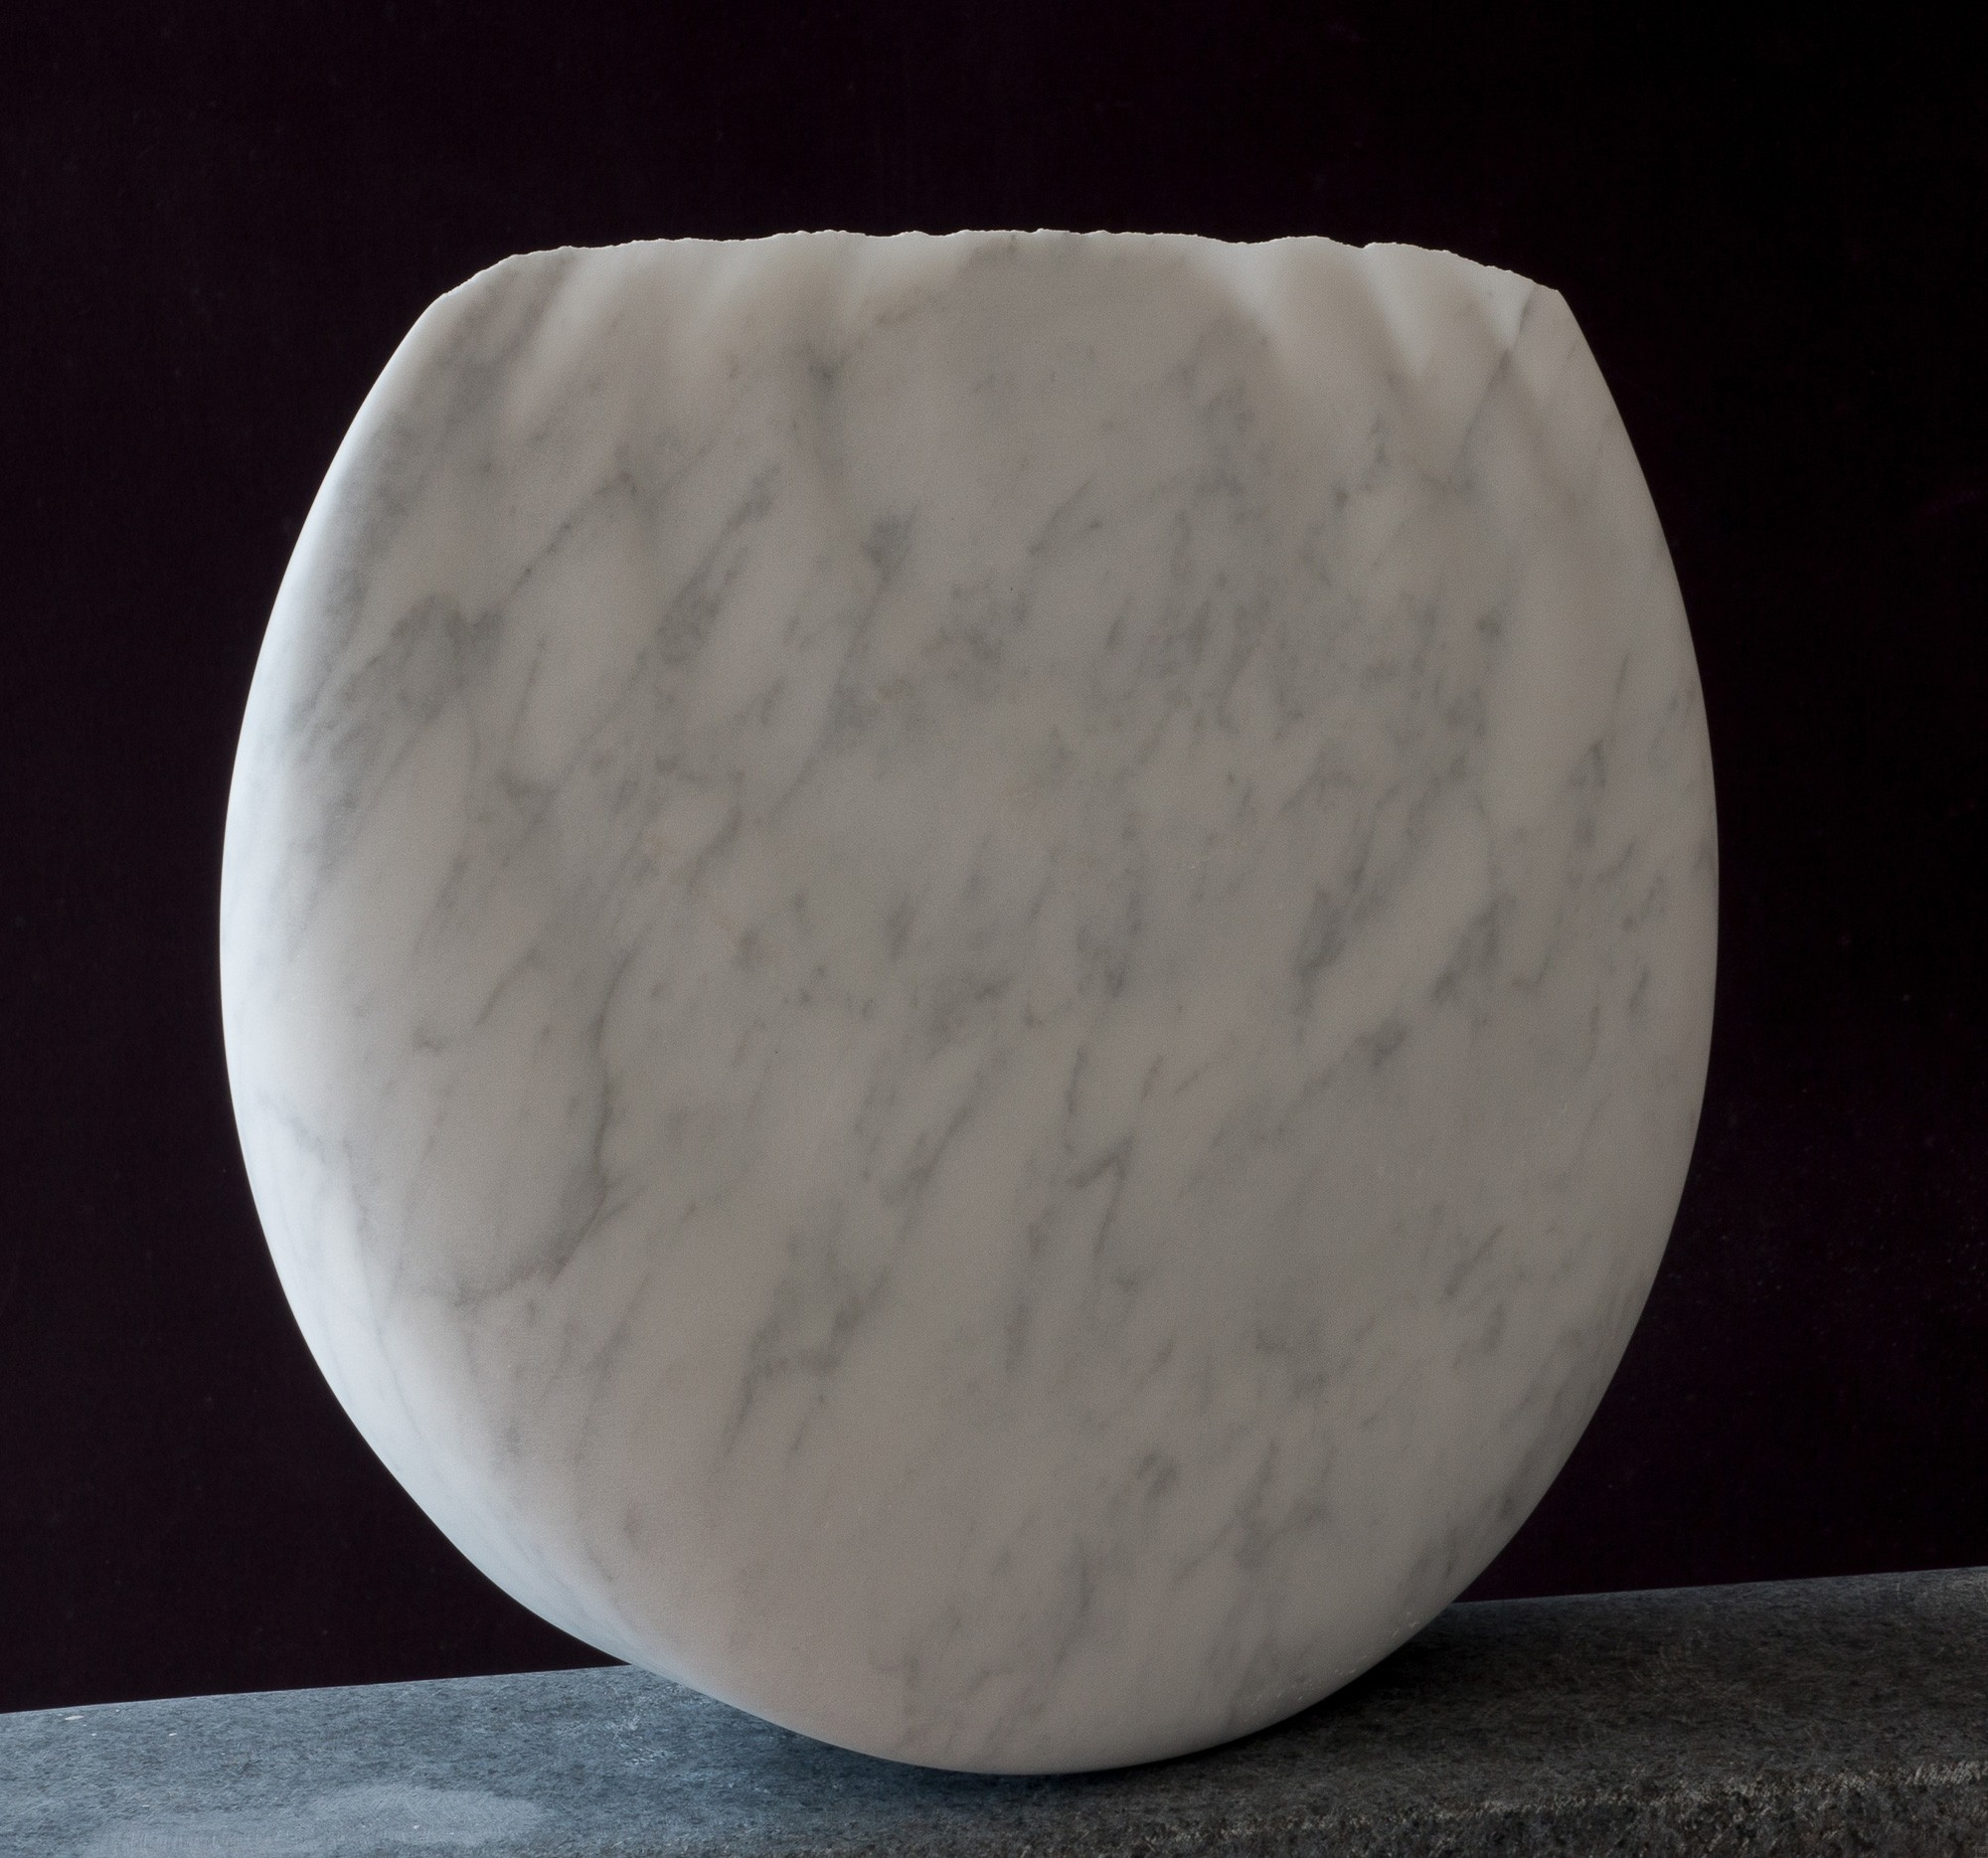 Monde, vorne rechts, aus Marmor, Stein Skulptur von Bildhauer Klaus W. Rieck